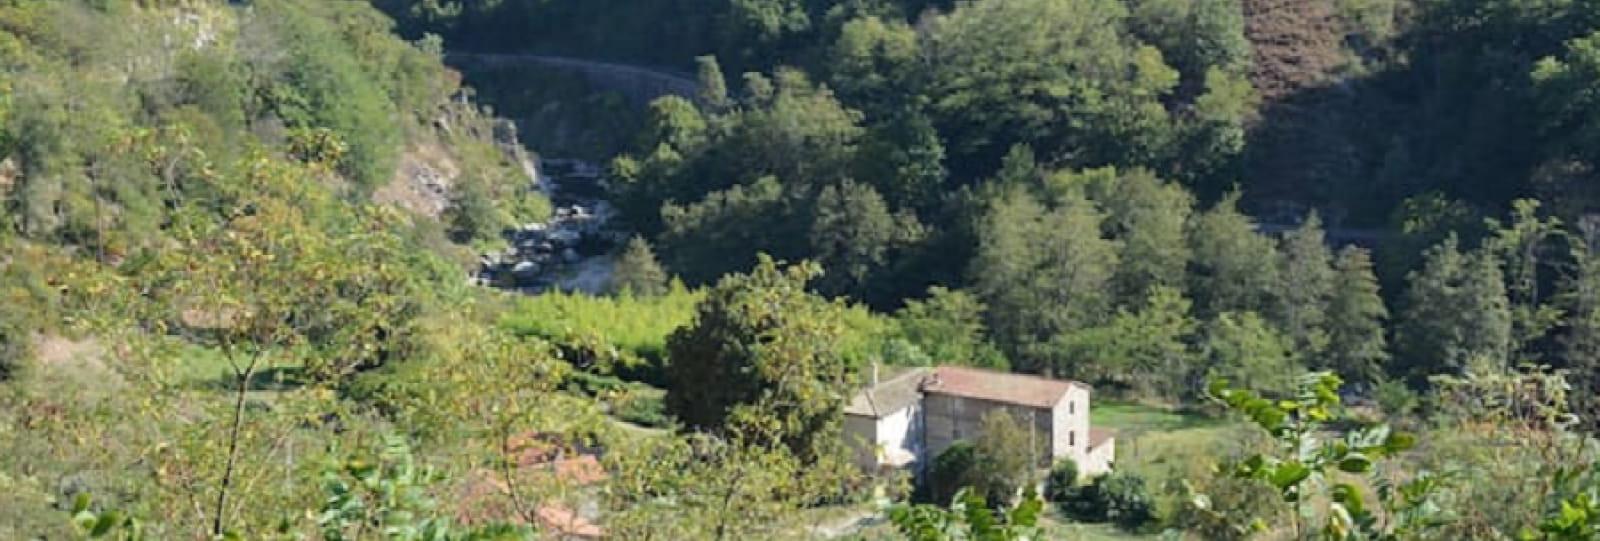 Vue d'ensemble du gîte. Au second plan, la rivière 'le Doux' avec au dessus la voie ferrée du Train de l'Ardèche ainsi que le Vélo-rail.